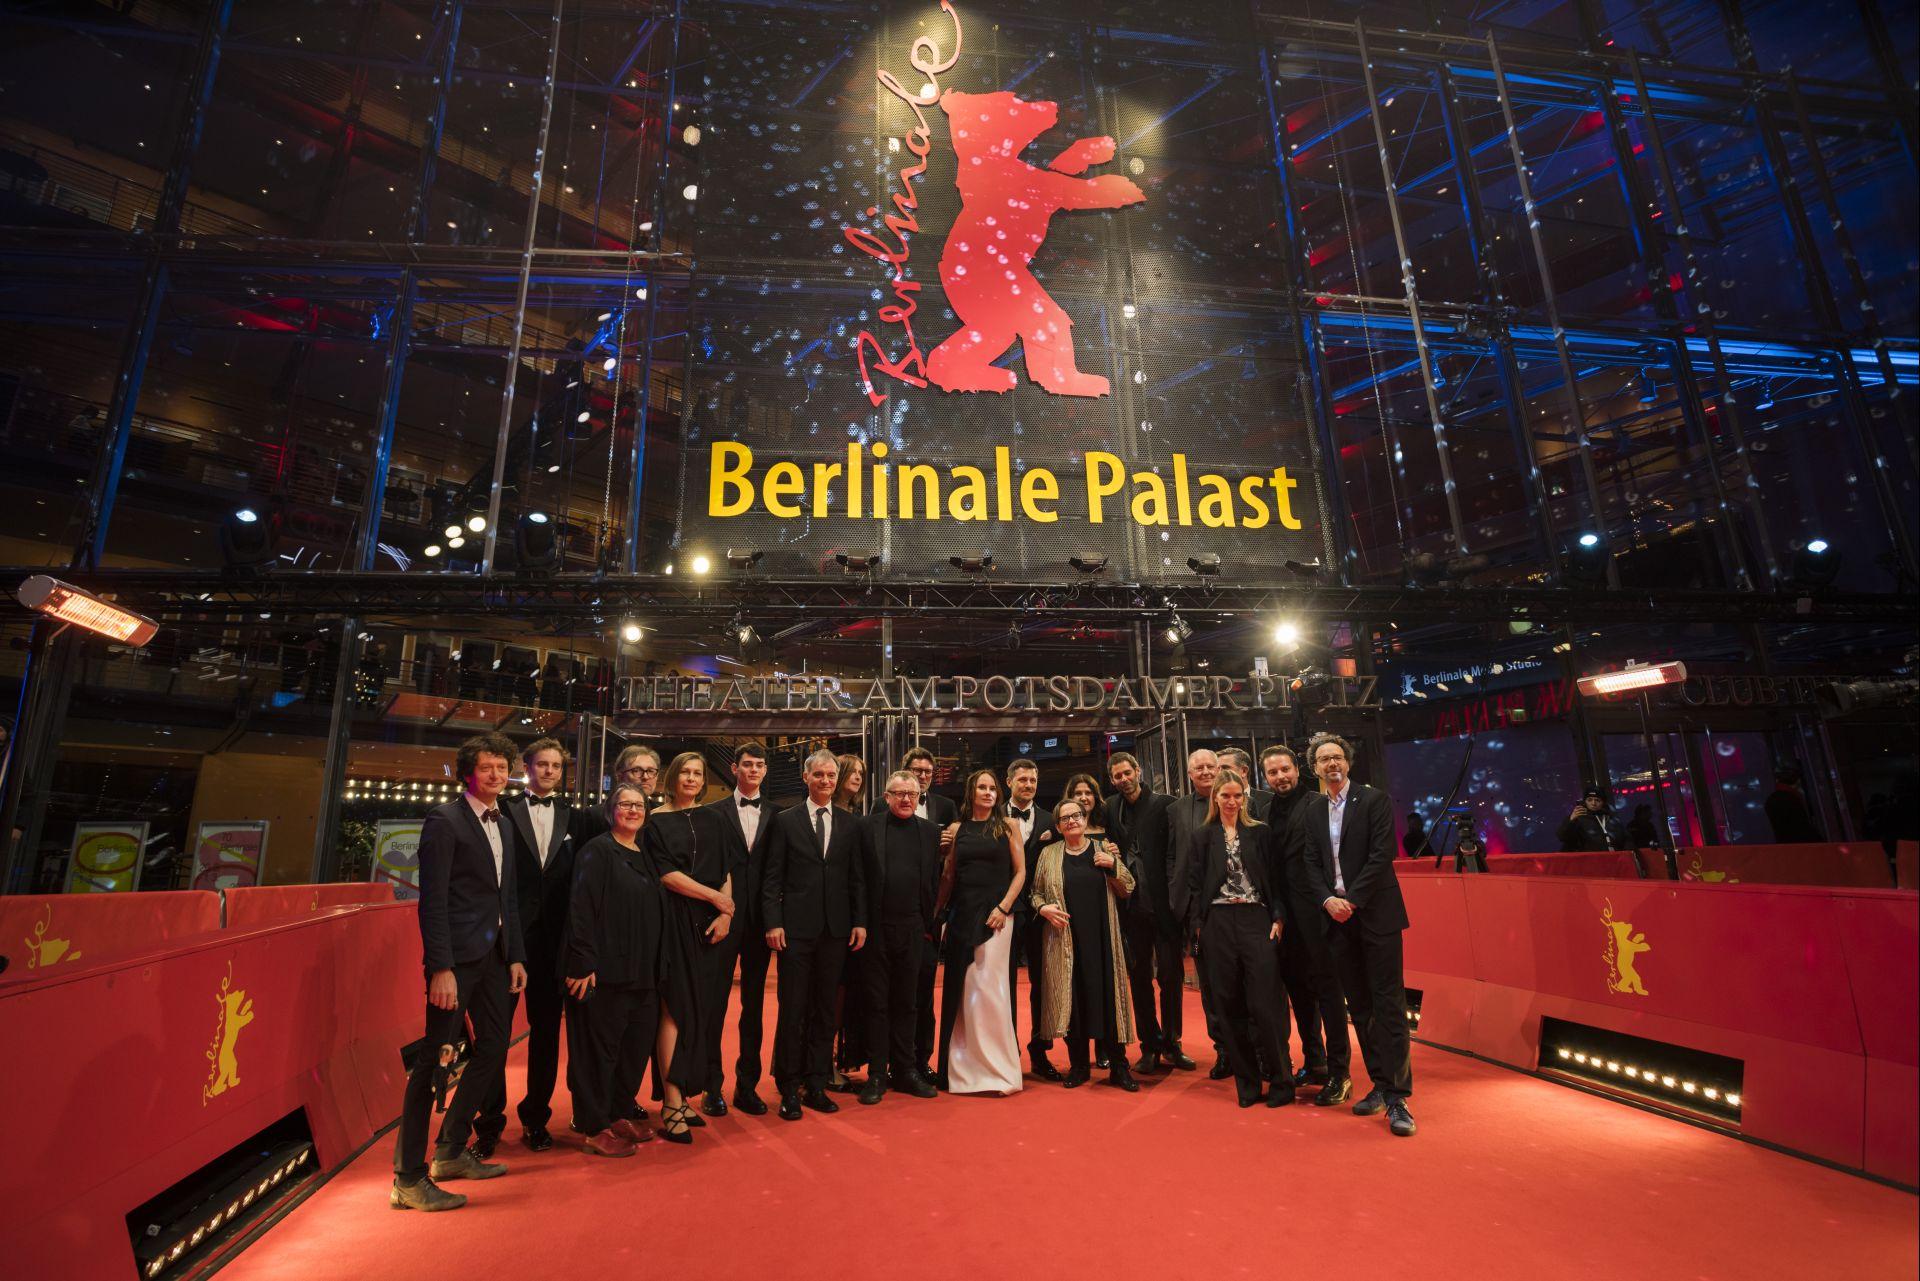 Světová premiéra filmu Šarlatán proběhla na Berlinale na výbornou